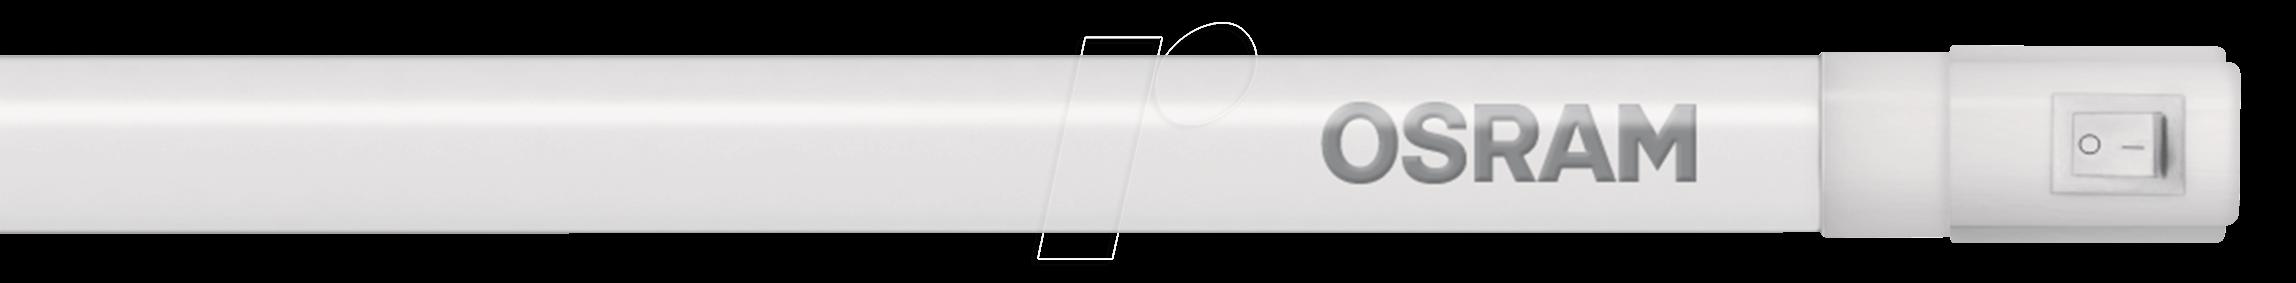 OSR 899948068 - Unterbauleuchte TUBEKIT, 8,9 W, 720 lm, 3000 K, Stab, weiß